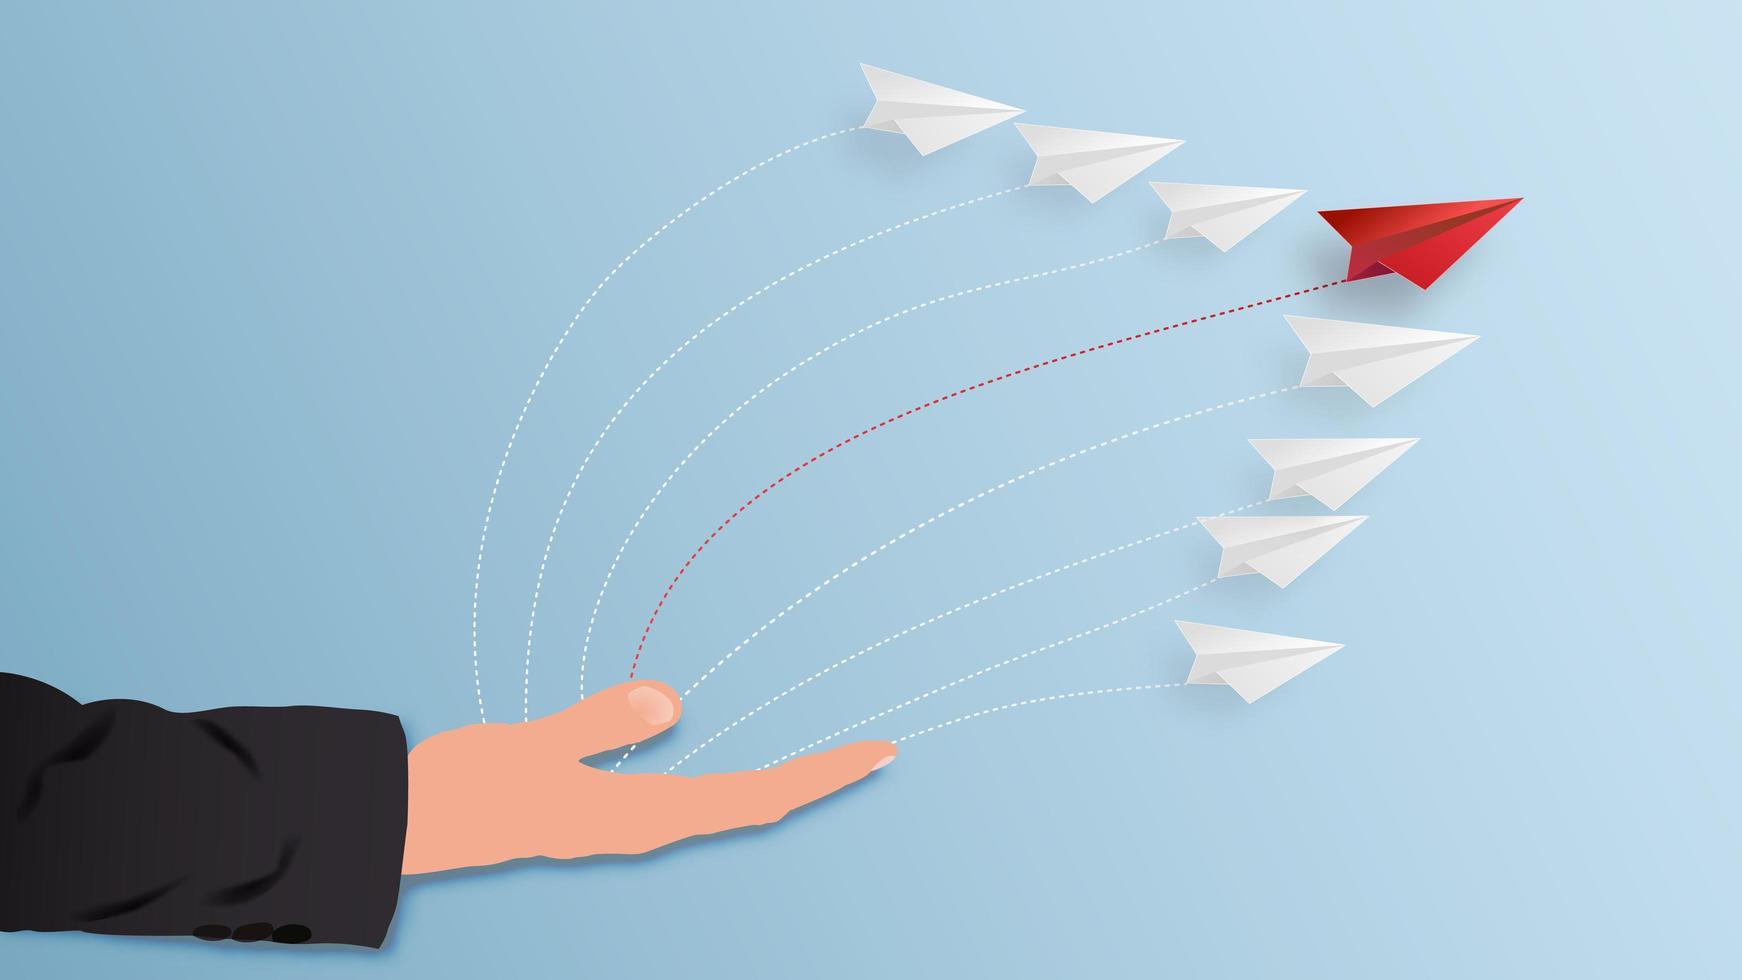 avion en papier volant de la main de l'homme d'affaires comme concept de solution d'entreprise. vecteur